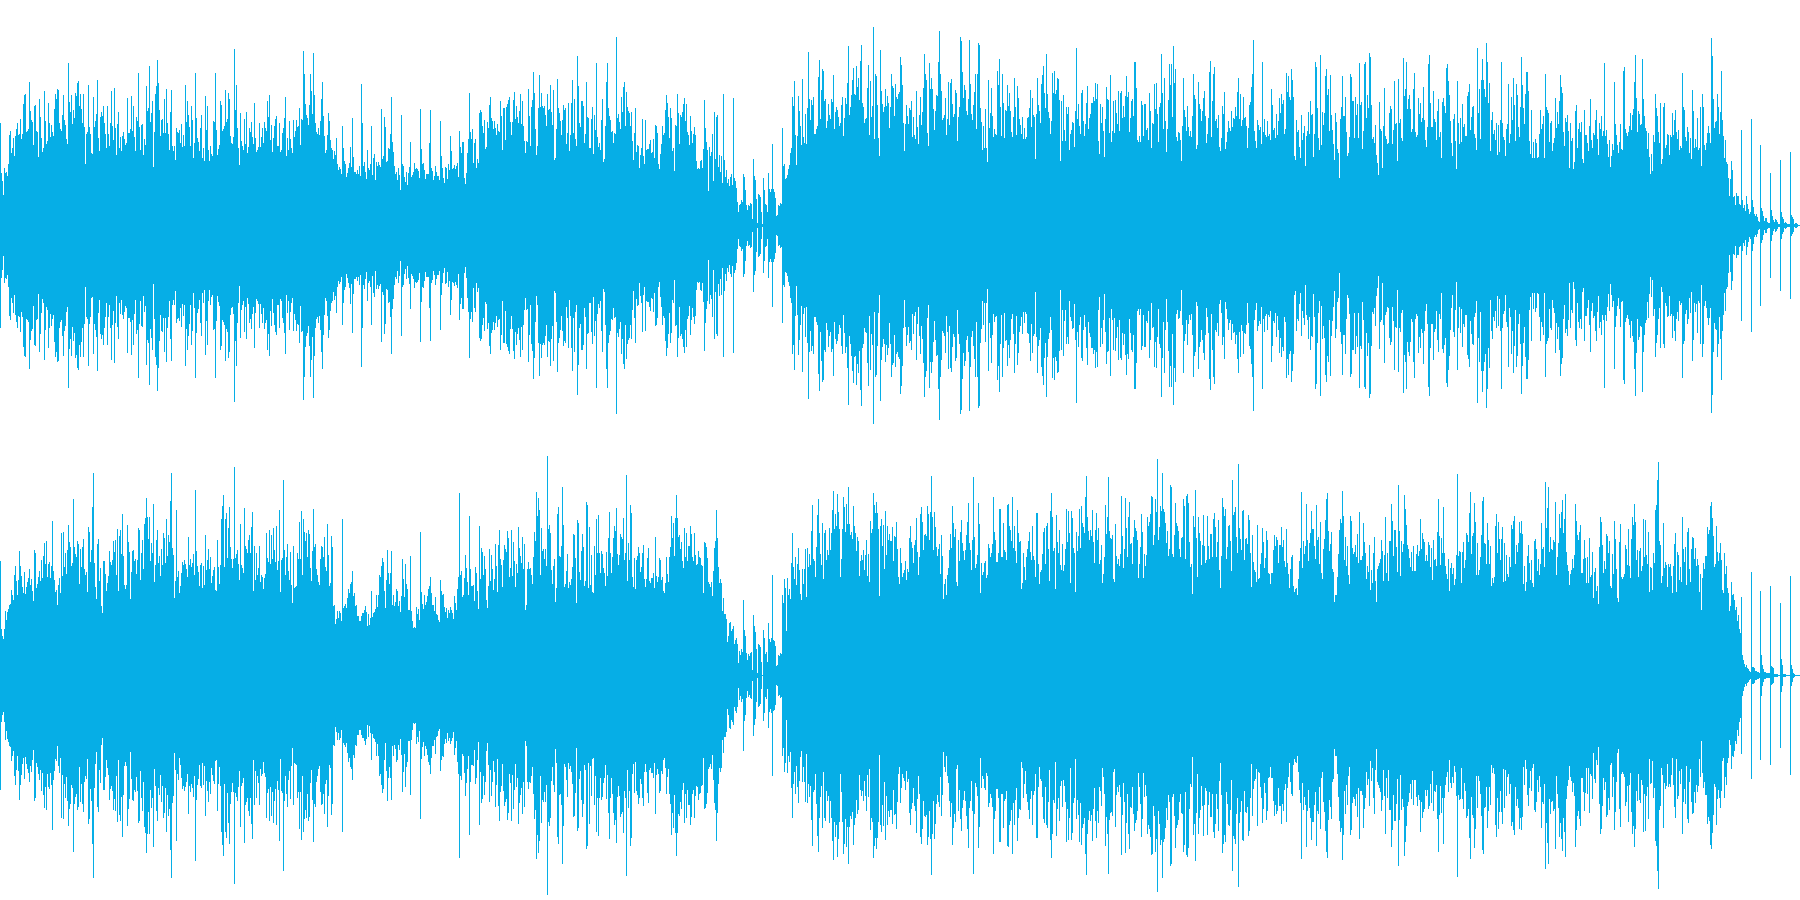 ループ仕様ダンジョン系湿った雰囲気BGMの再生済みの波形